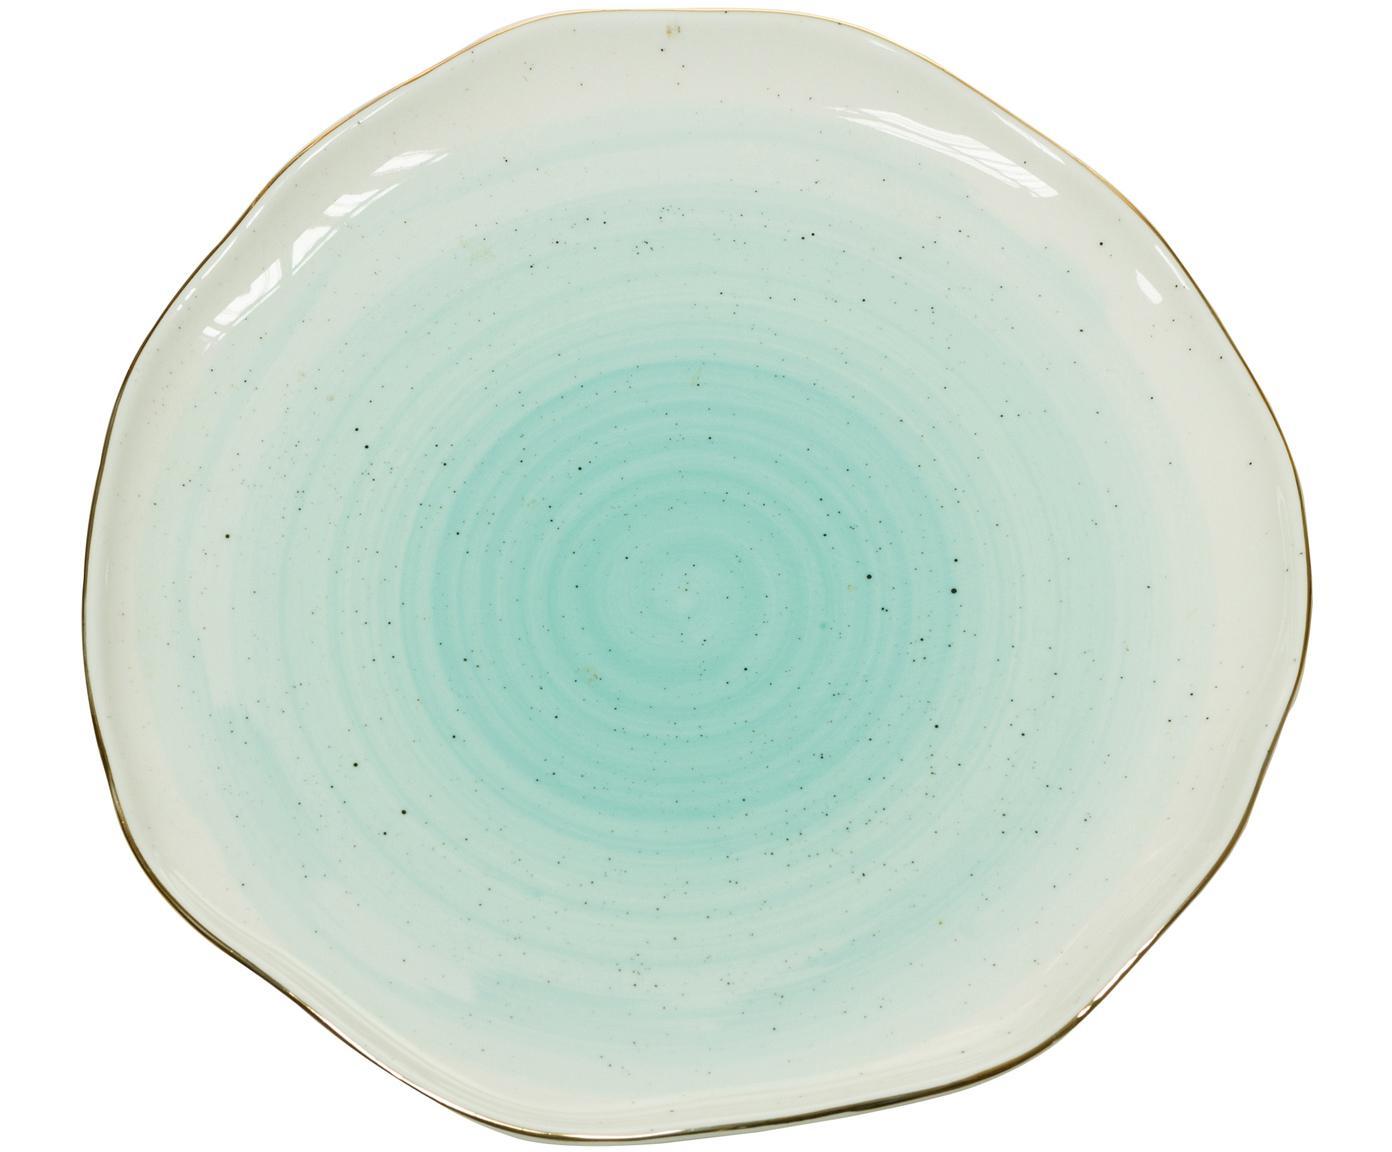 Ręcznie wykonany talerz śniadaniowy Bol, 2 szt., Porcelana, Turkusowoniebieski, Ø 19 x W 3 cm